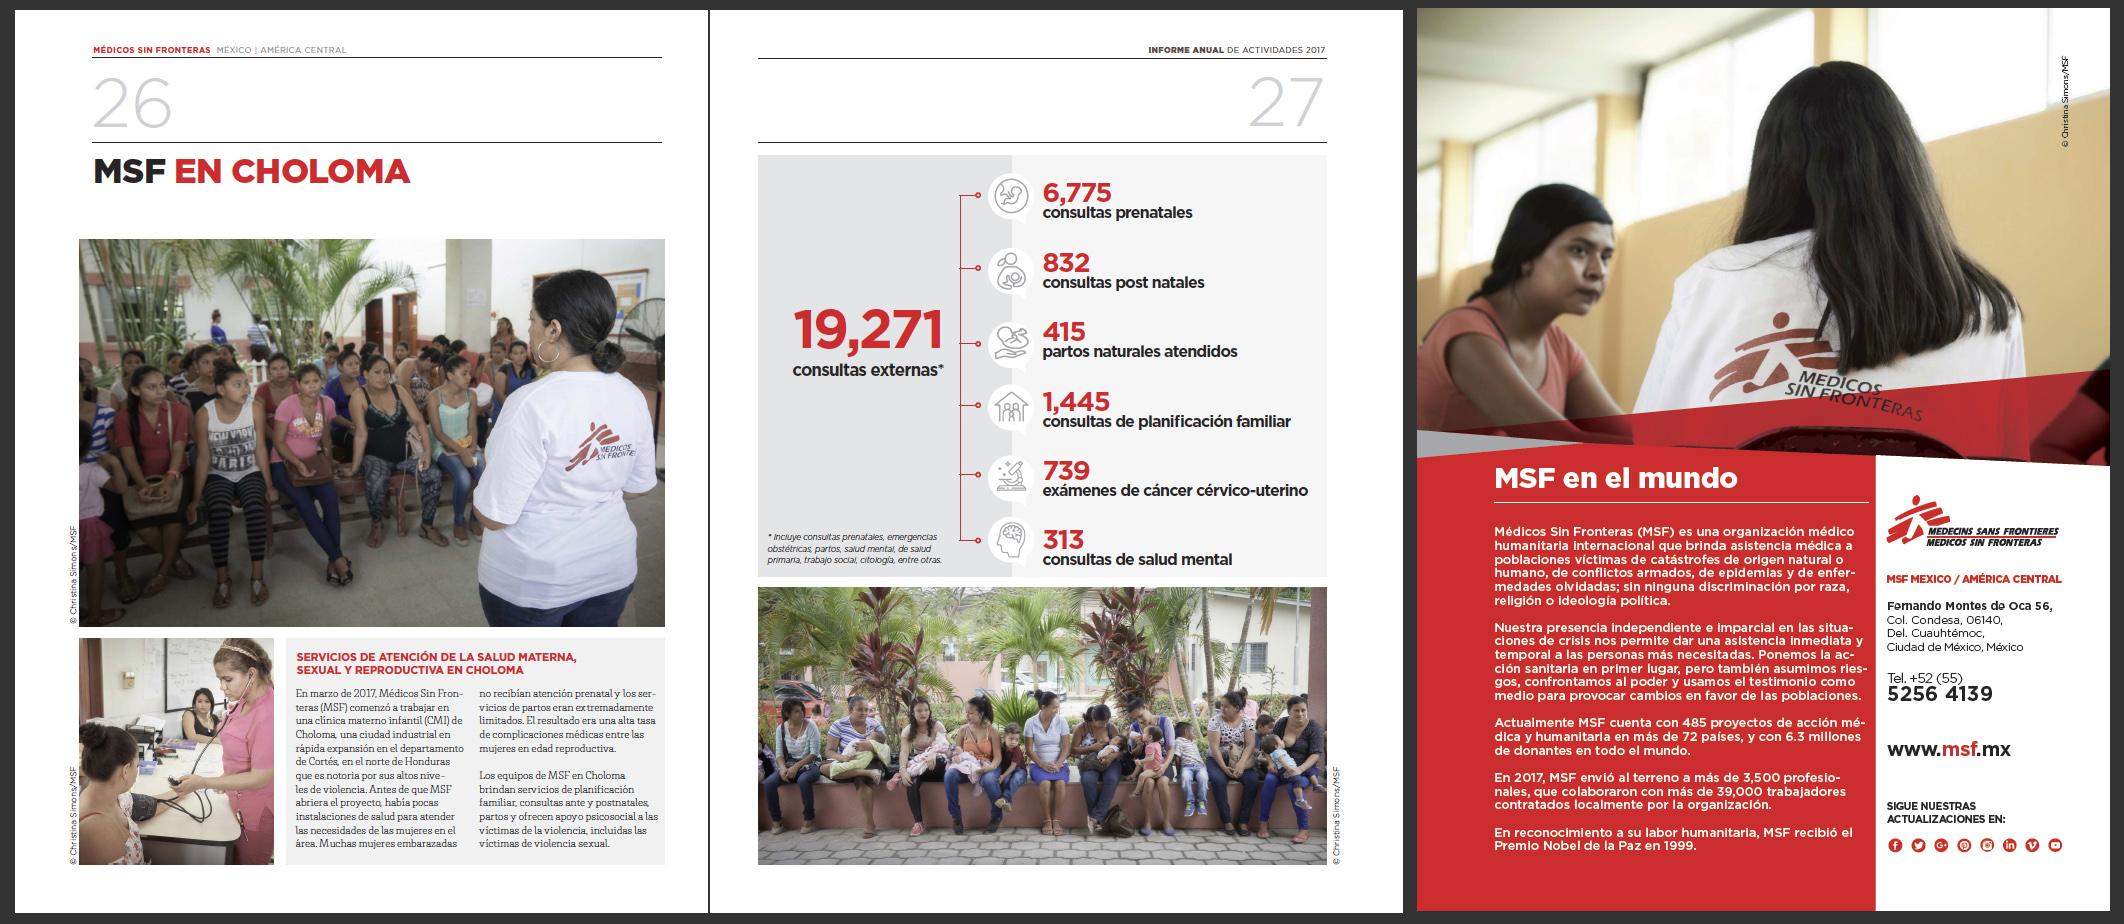 MSF (Medicos Sin Fronteras) 2017 Annual Report of Activities - P4